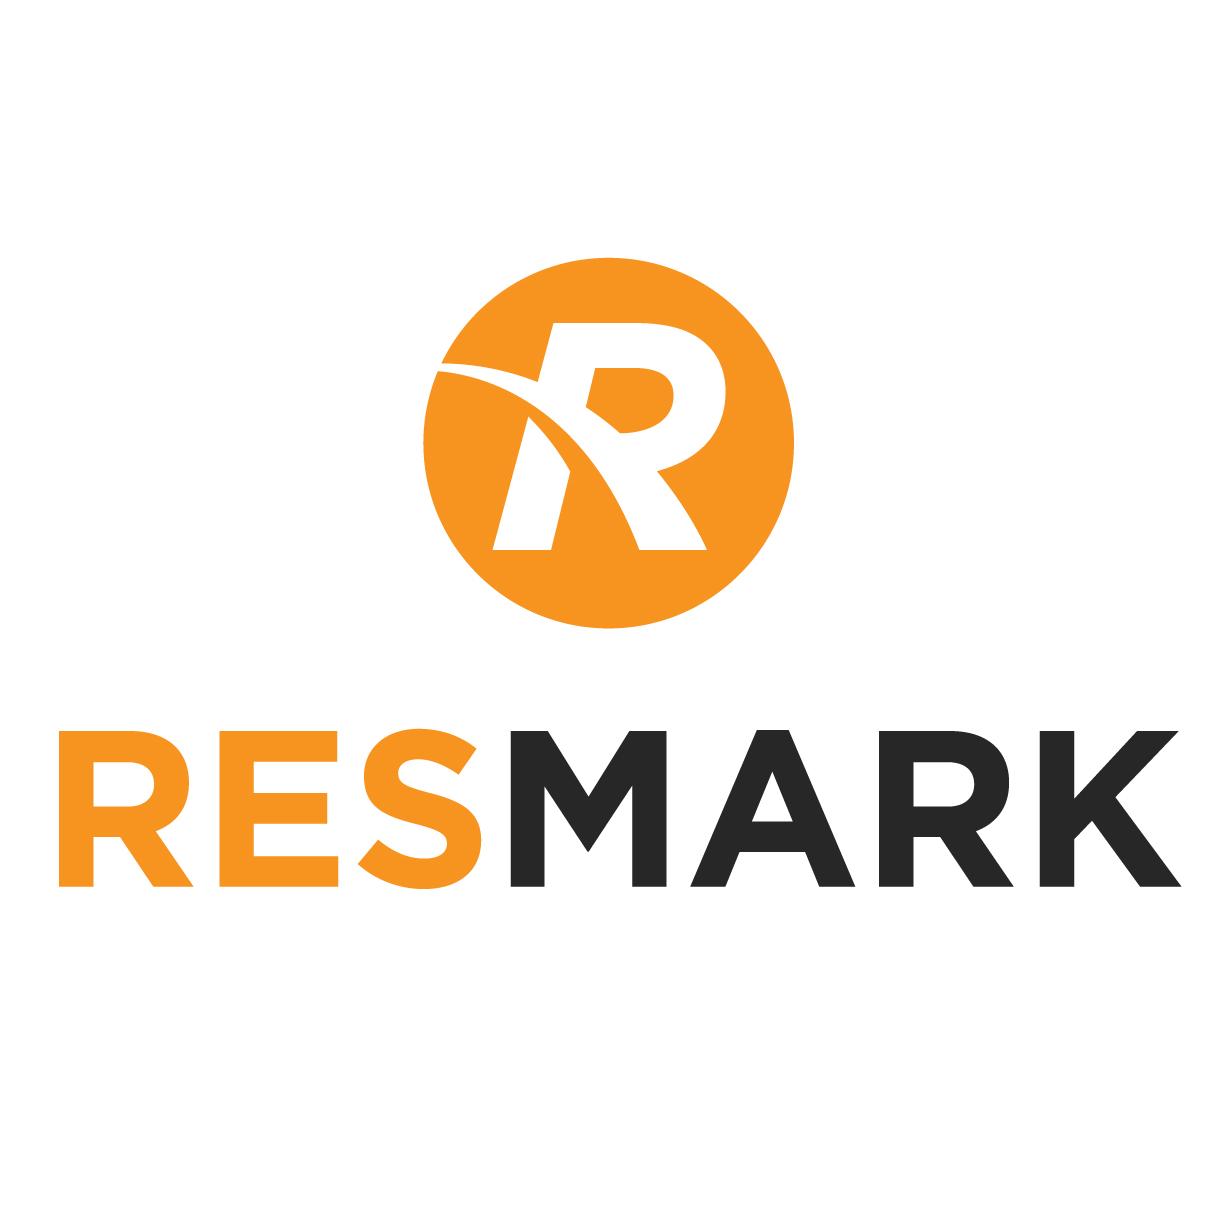 Resmark